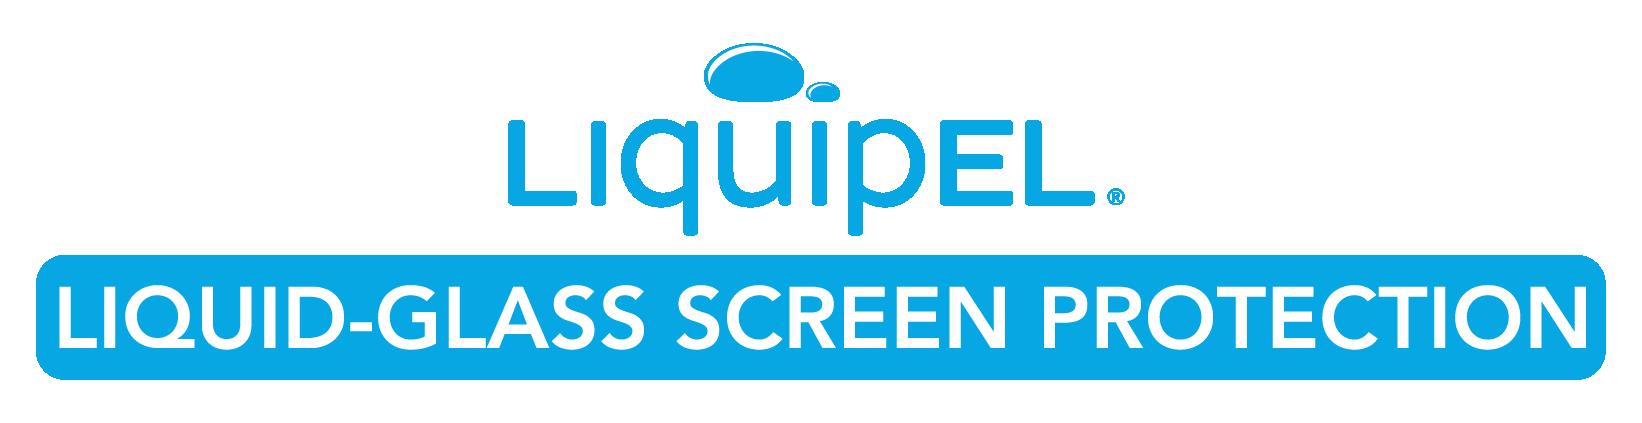 Liquid Glass Invisible Screen Protection | Liquipel com